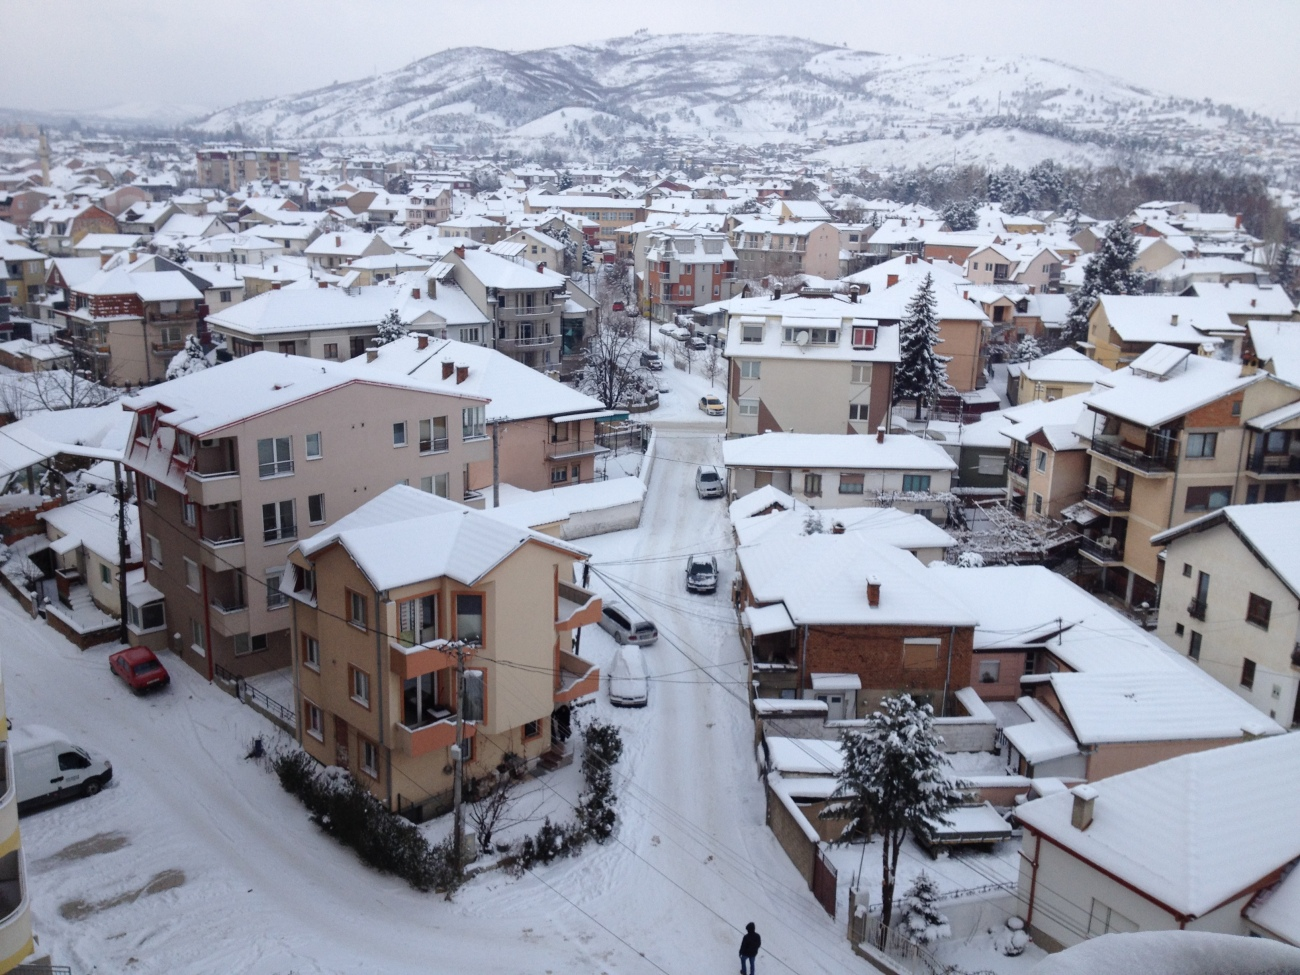 Македония. Битола зимой